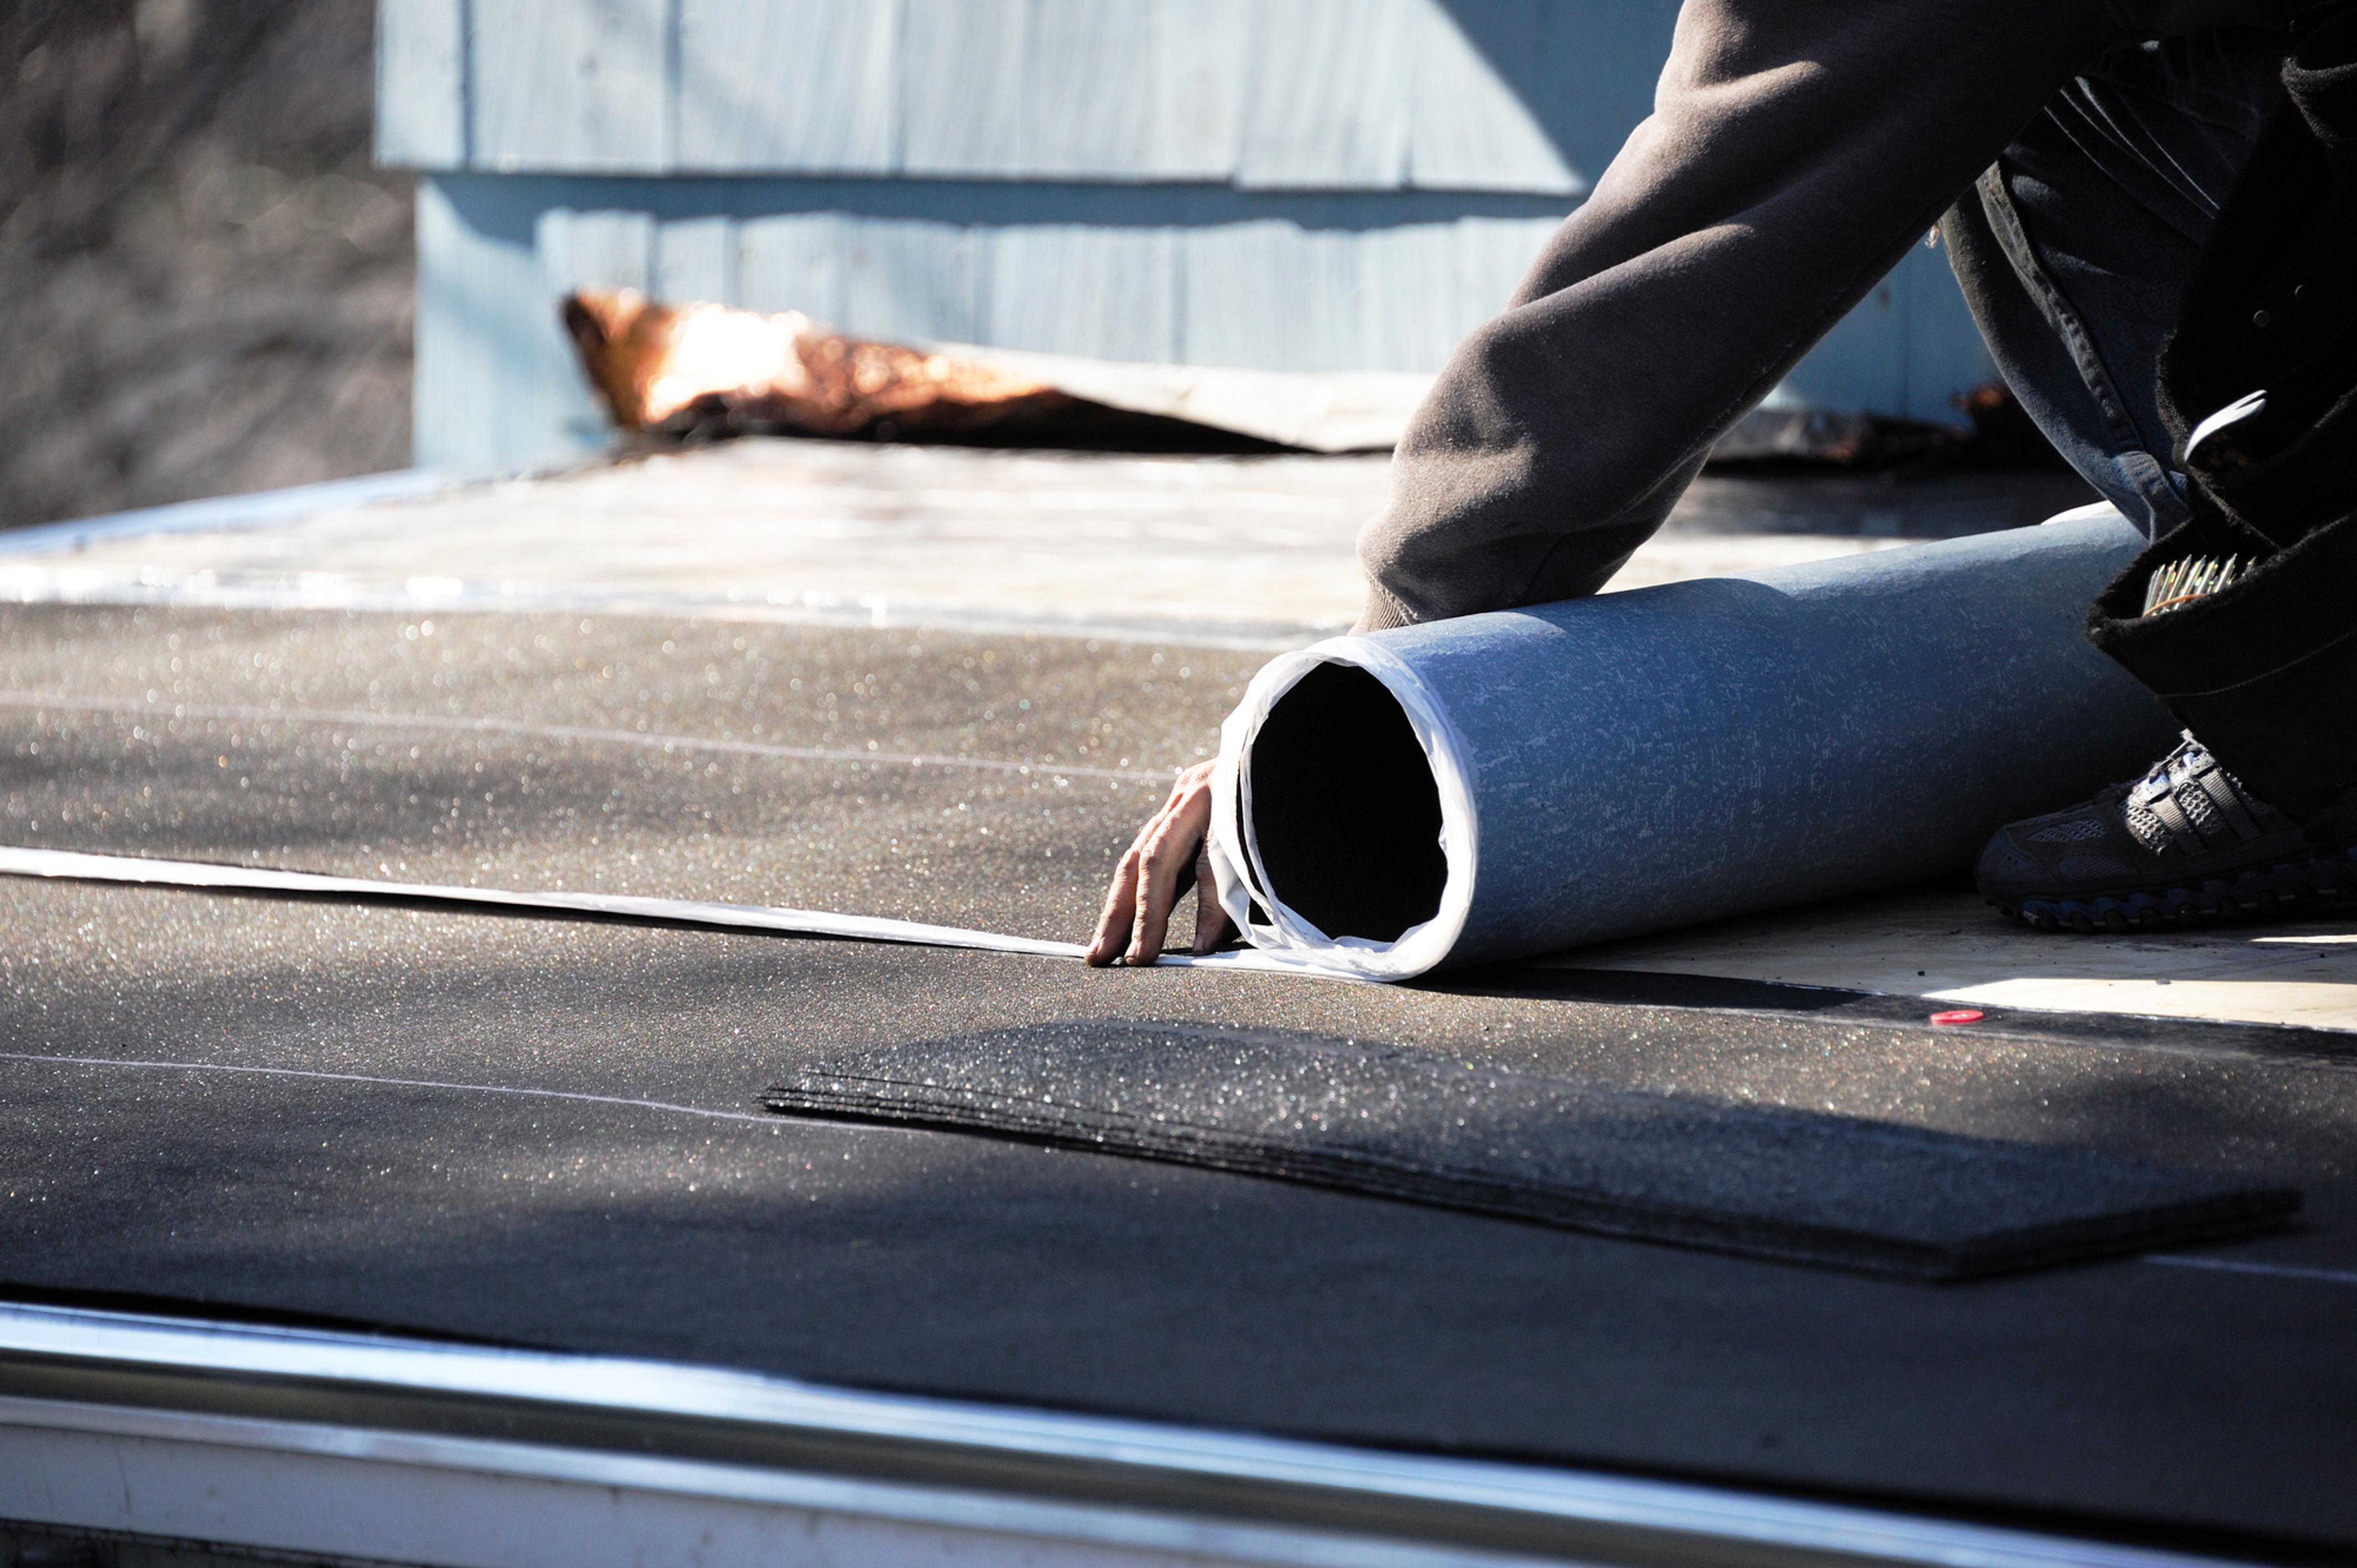 Dachflächen-Reparaturen